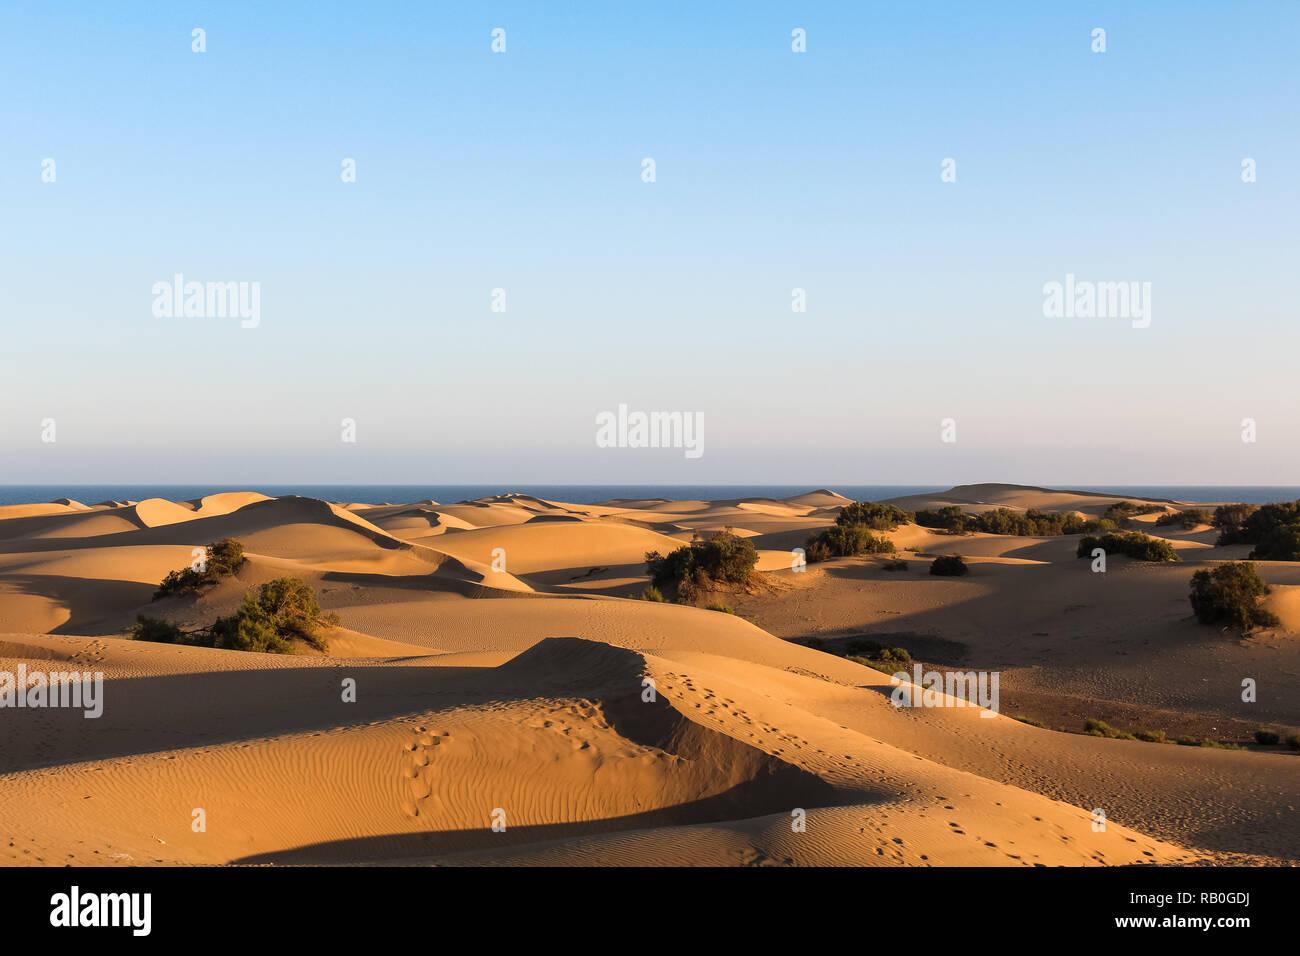 People On Sand Dunes In Maspalomas Stock Photos People On